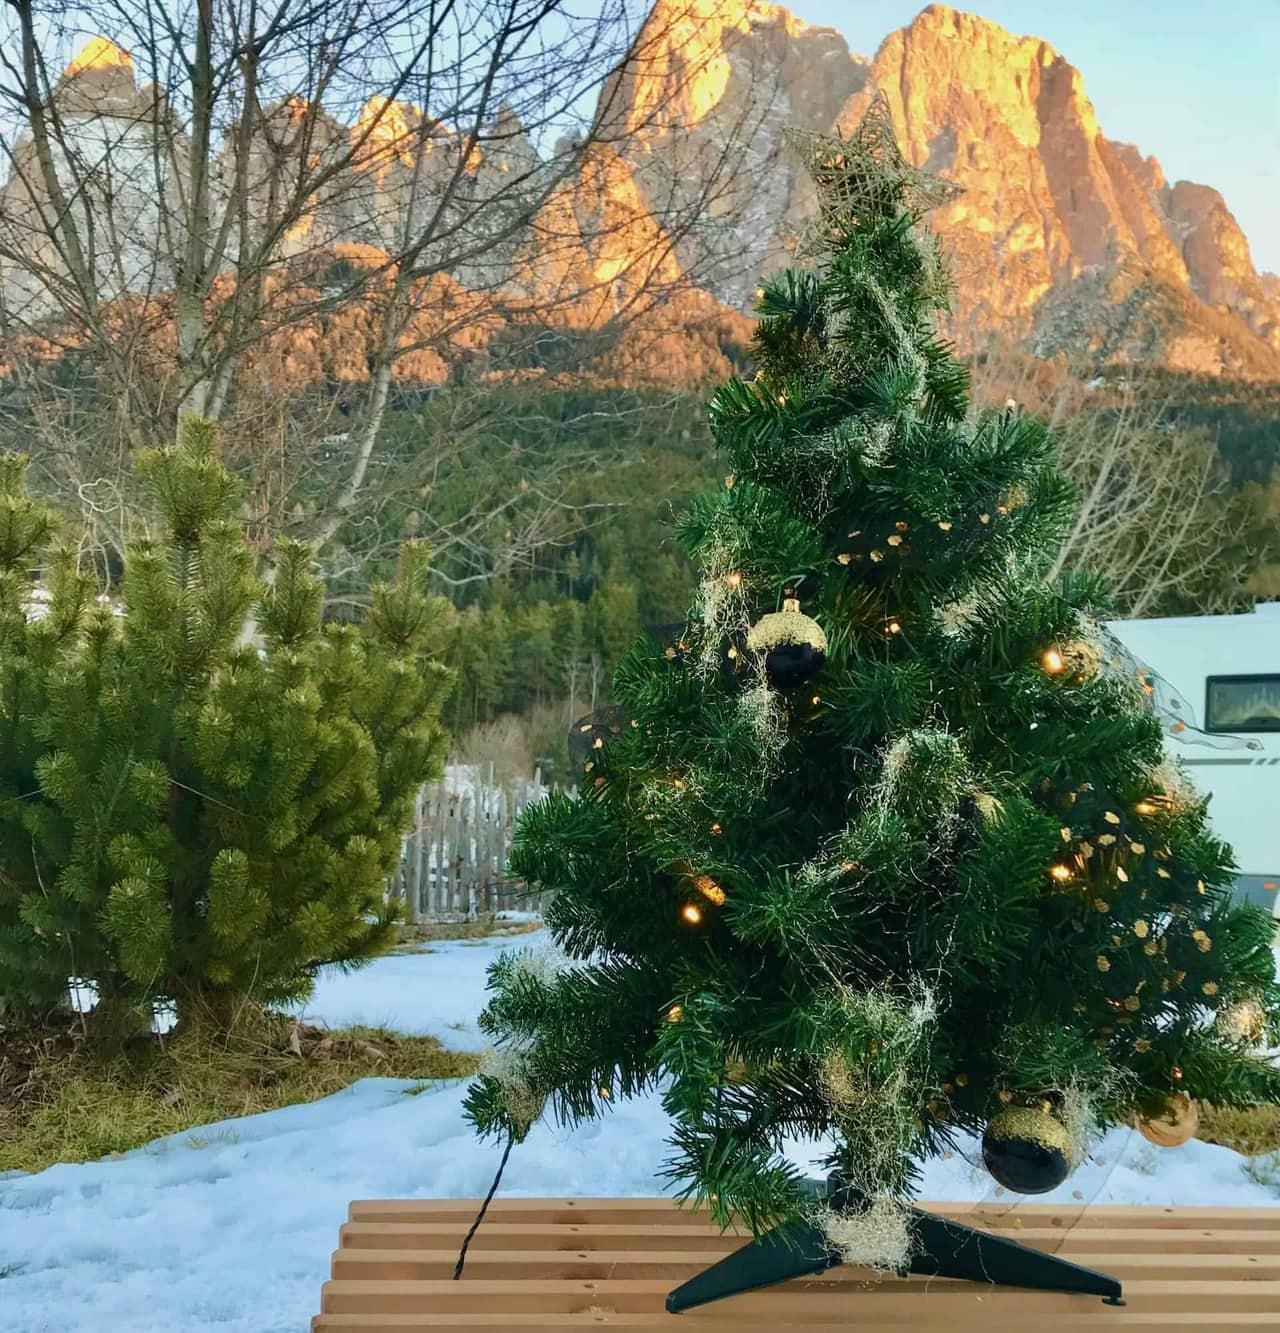 Weihnachten-2017-Camping-Seiser-Alm-Mini-Christbaum